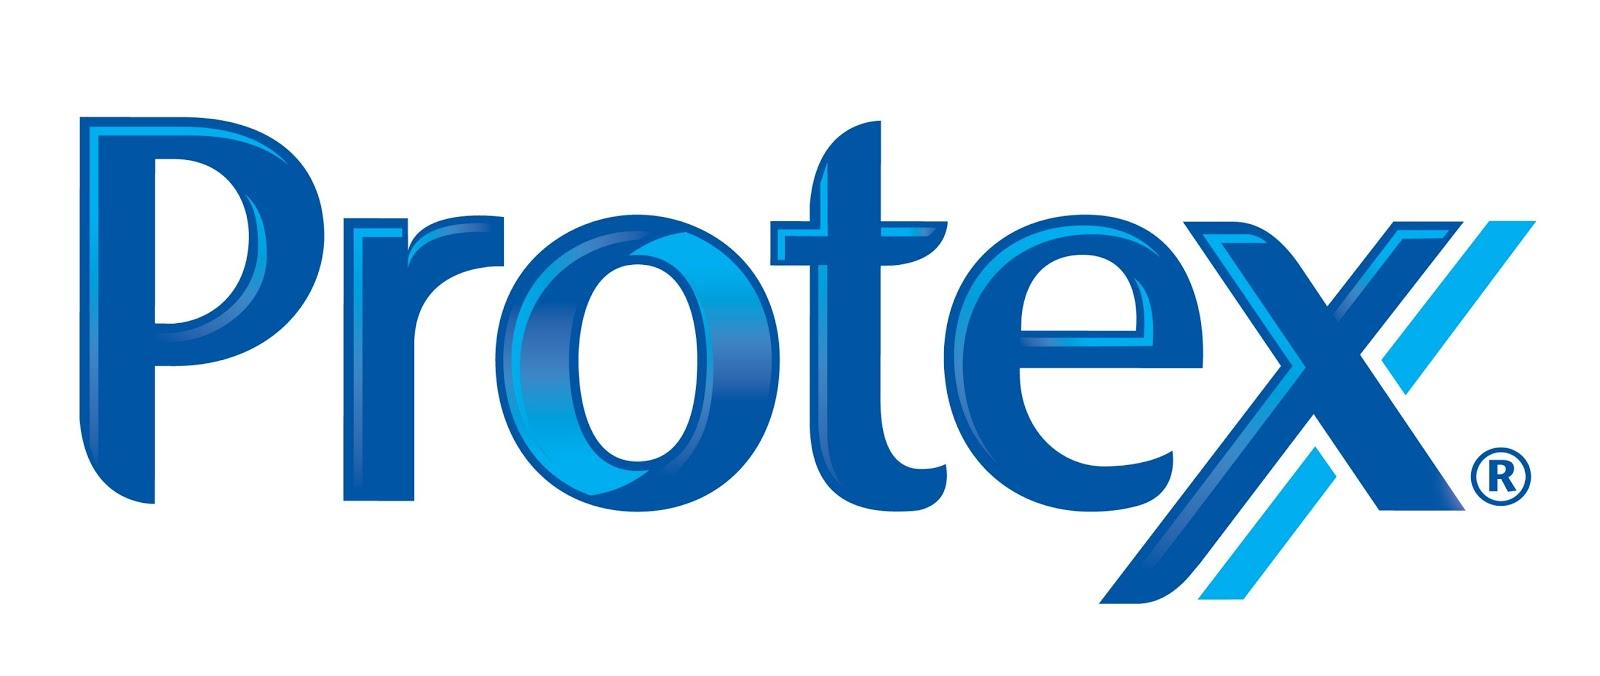 Protex Logo, image, download logo | LogoWiki.net